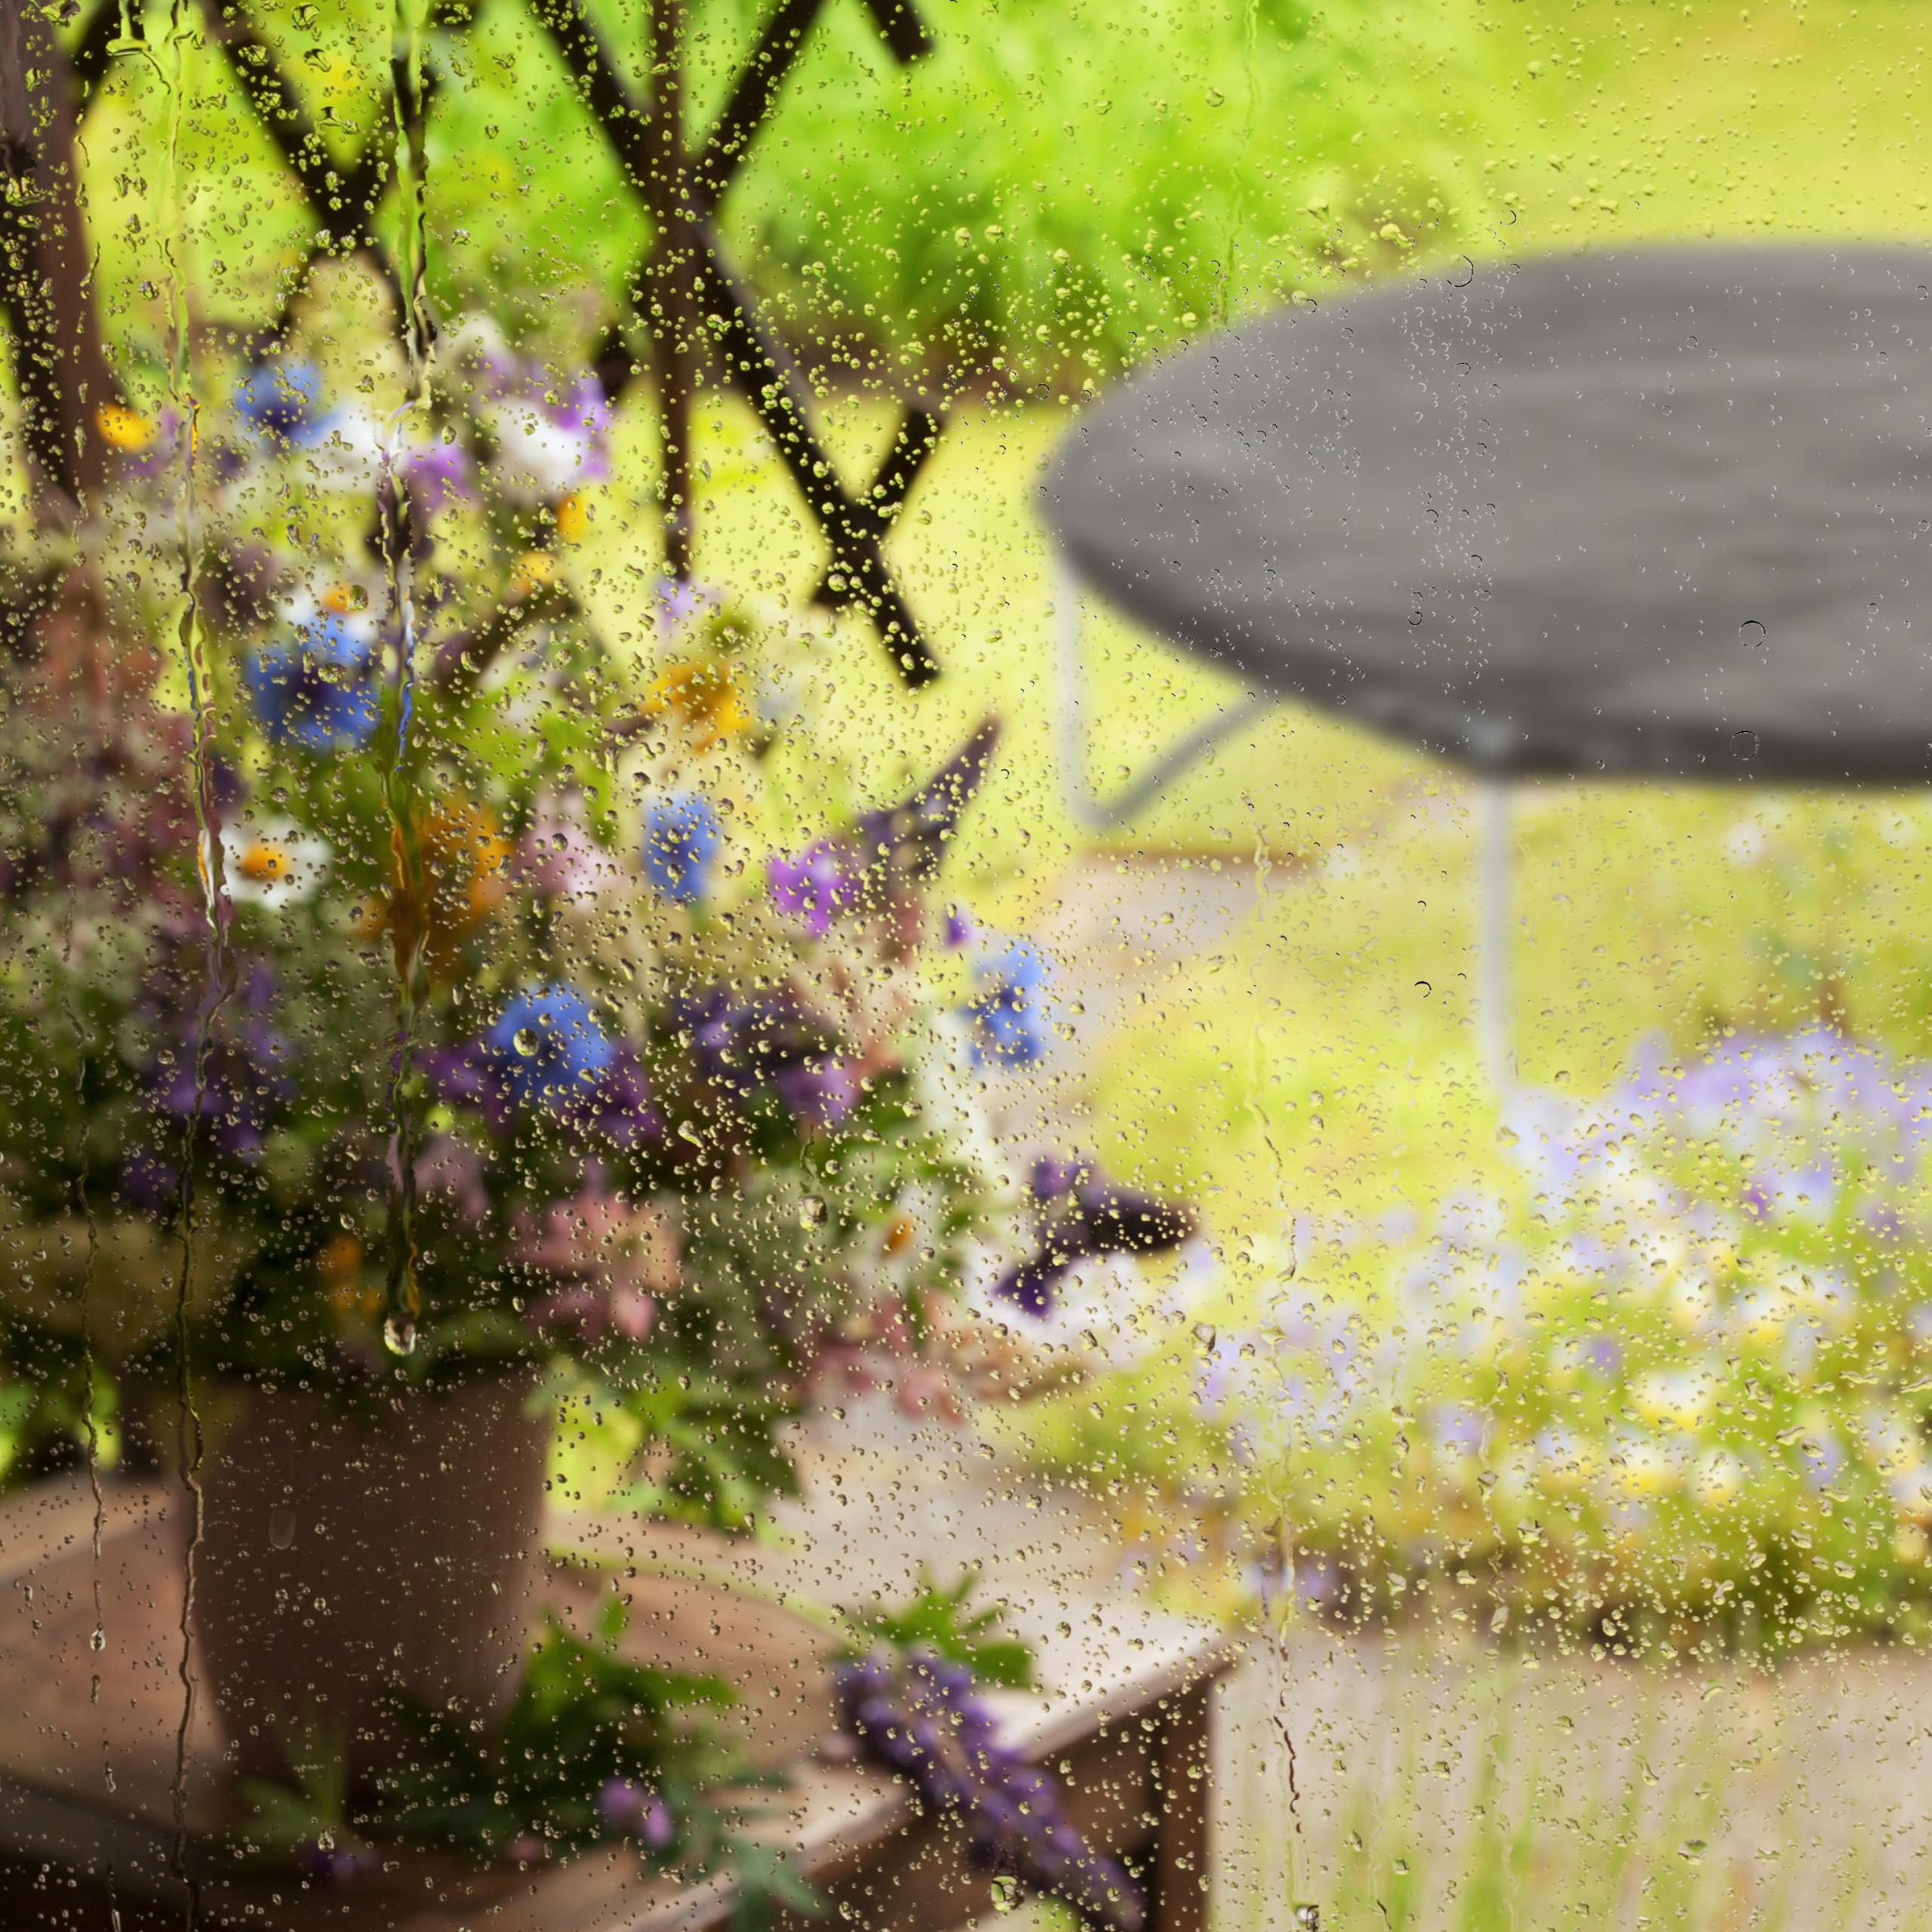 Housse-de-Protection-pour-Trampoline-Bache-pluie-vent-jardin-intemperies miniature 27